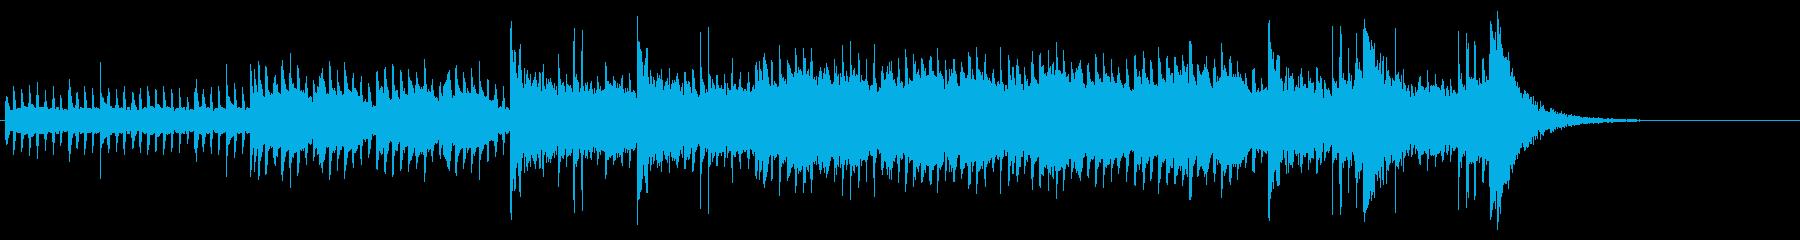 無機質で緊張感のあるテクノ風の再生済みの波形